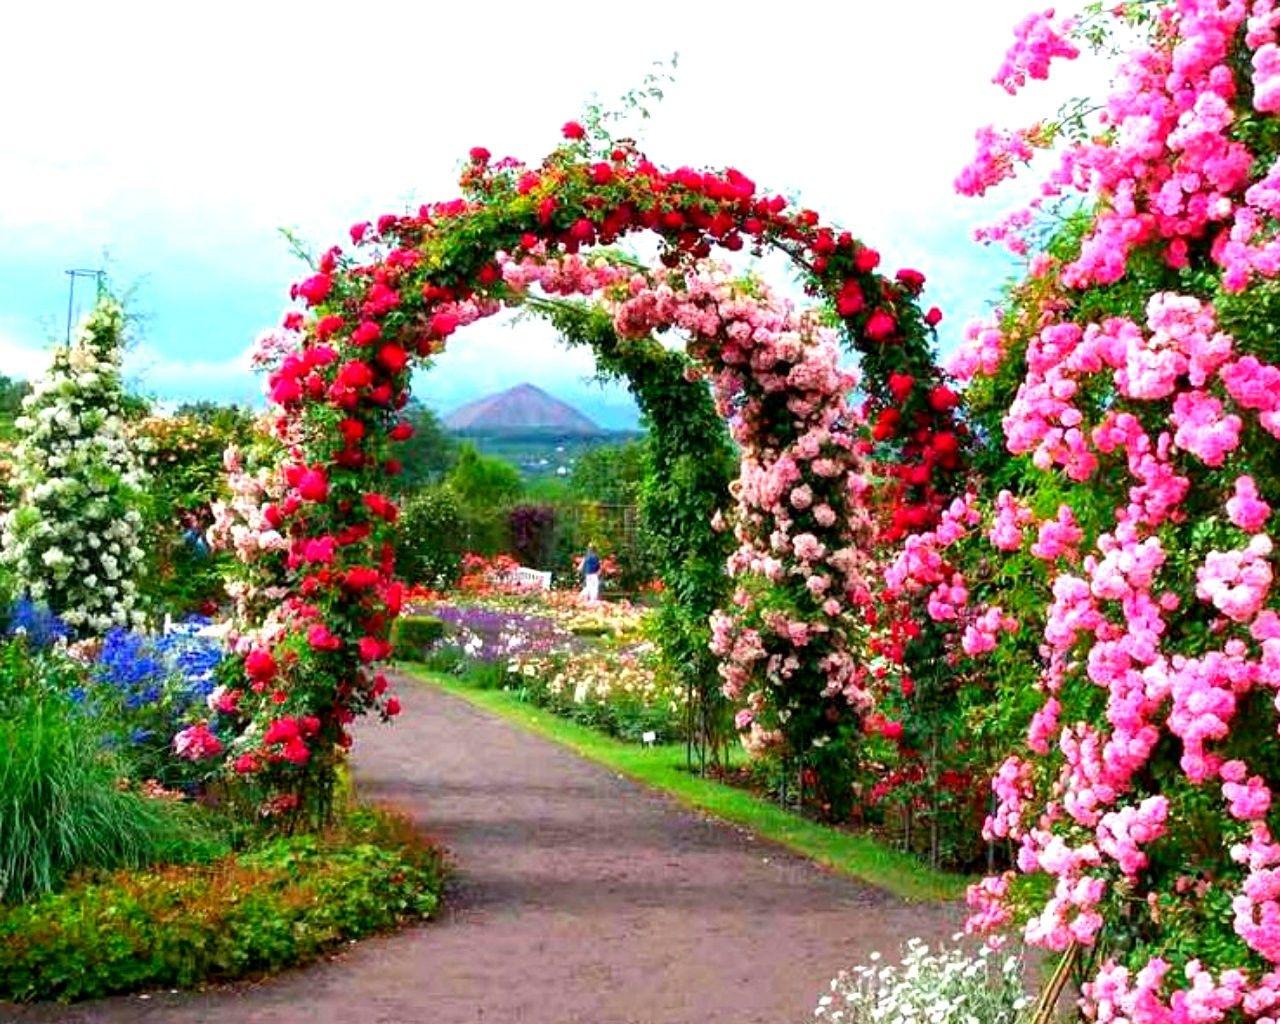 Garden Flowers Wallpaper beautiful garden flowers path arch wallpaper flower images